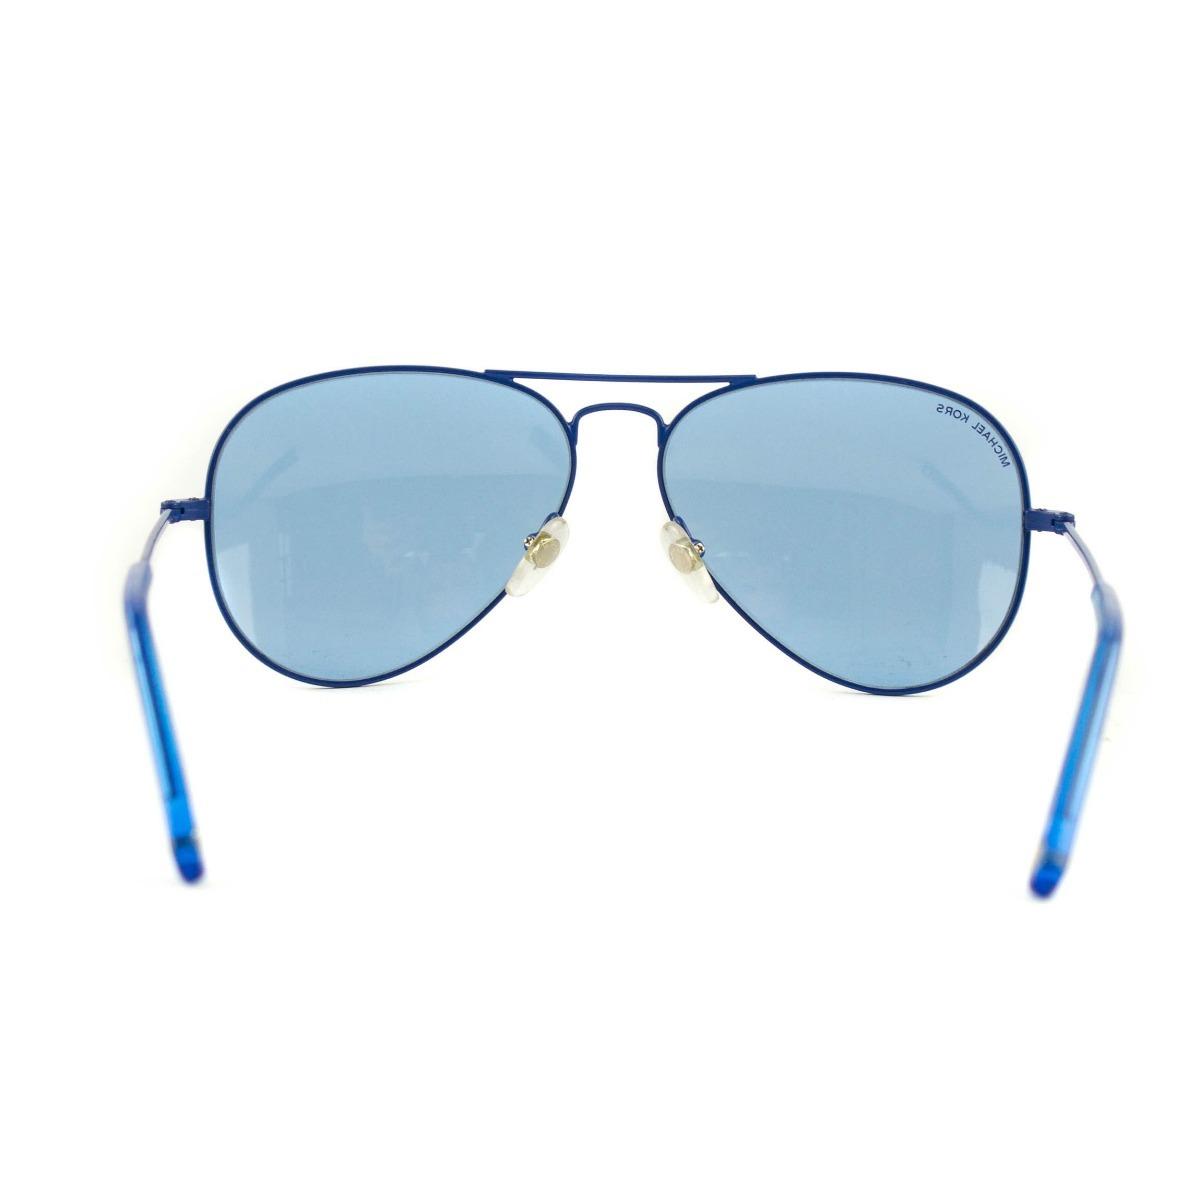 Óculos De Sol Michael Kors - Rachel M2061s - Azul - R  279,99 em ... 9c3ef80670